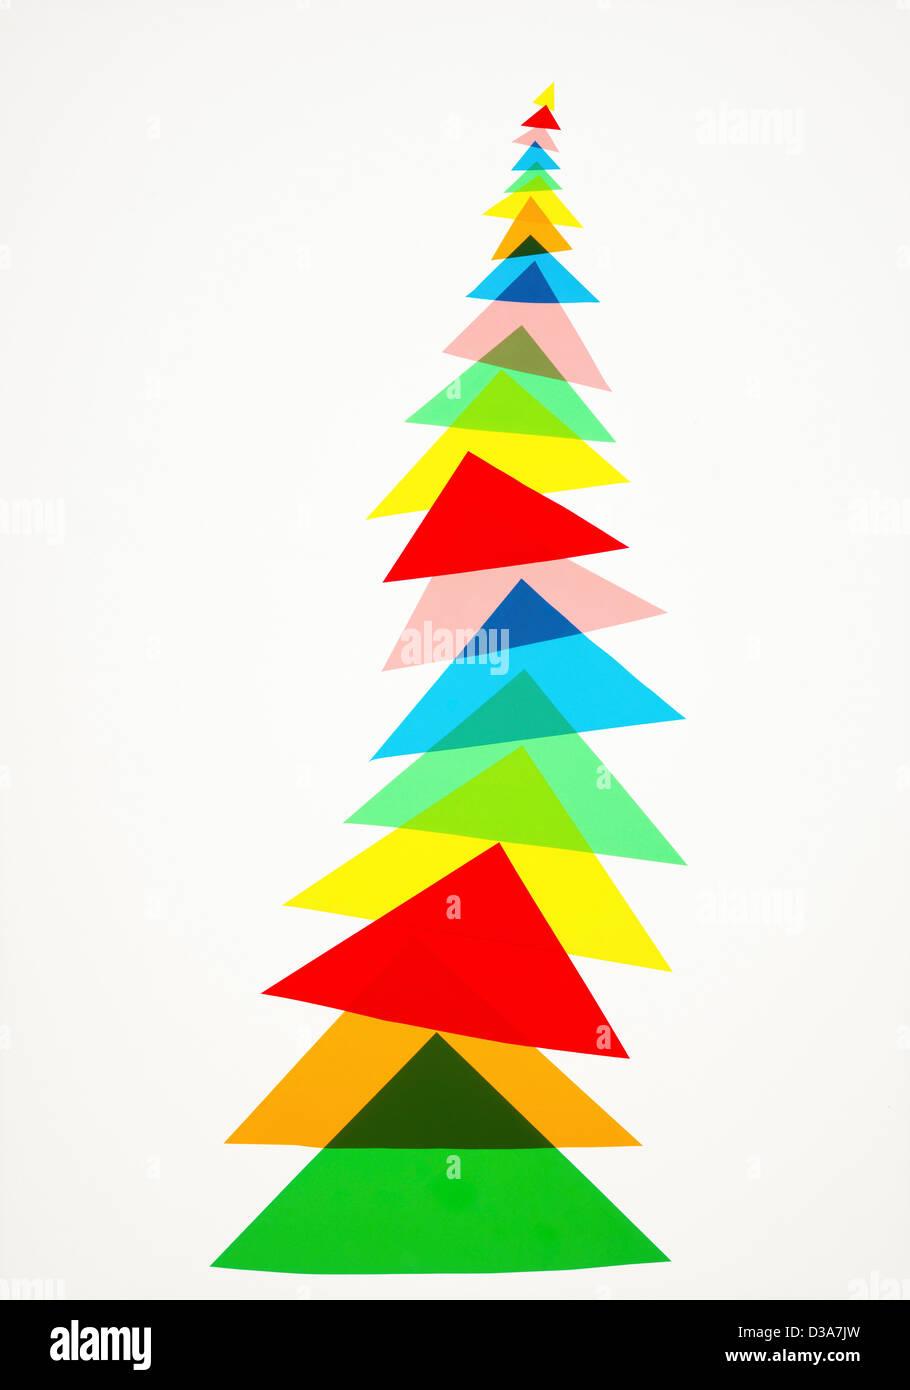 Abbildung von bunten Dreiecken Stockbild